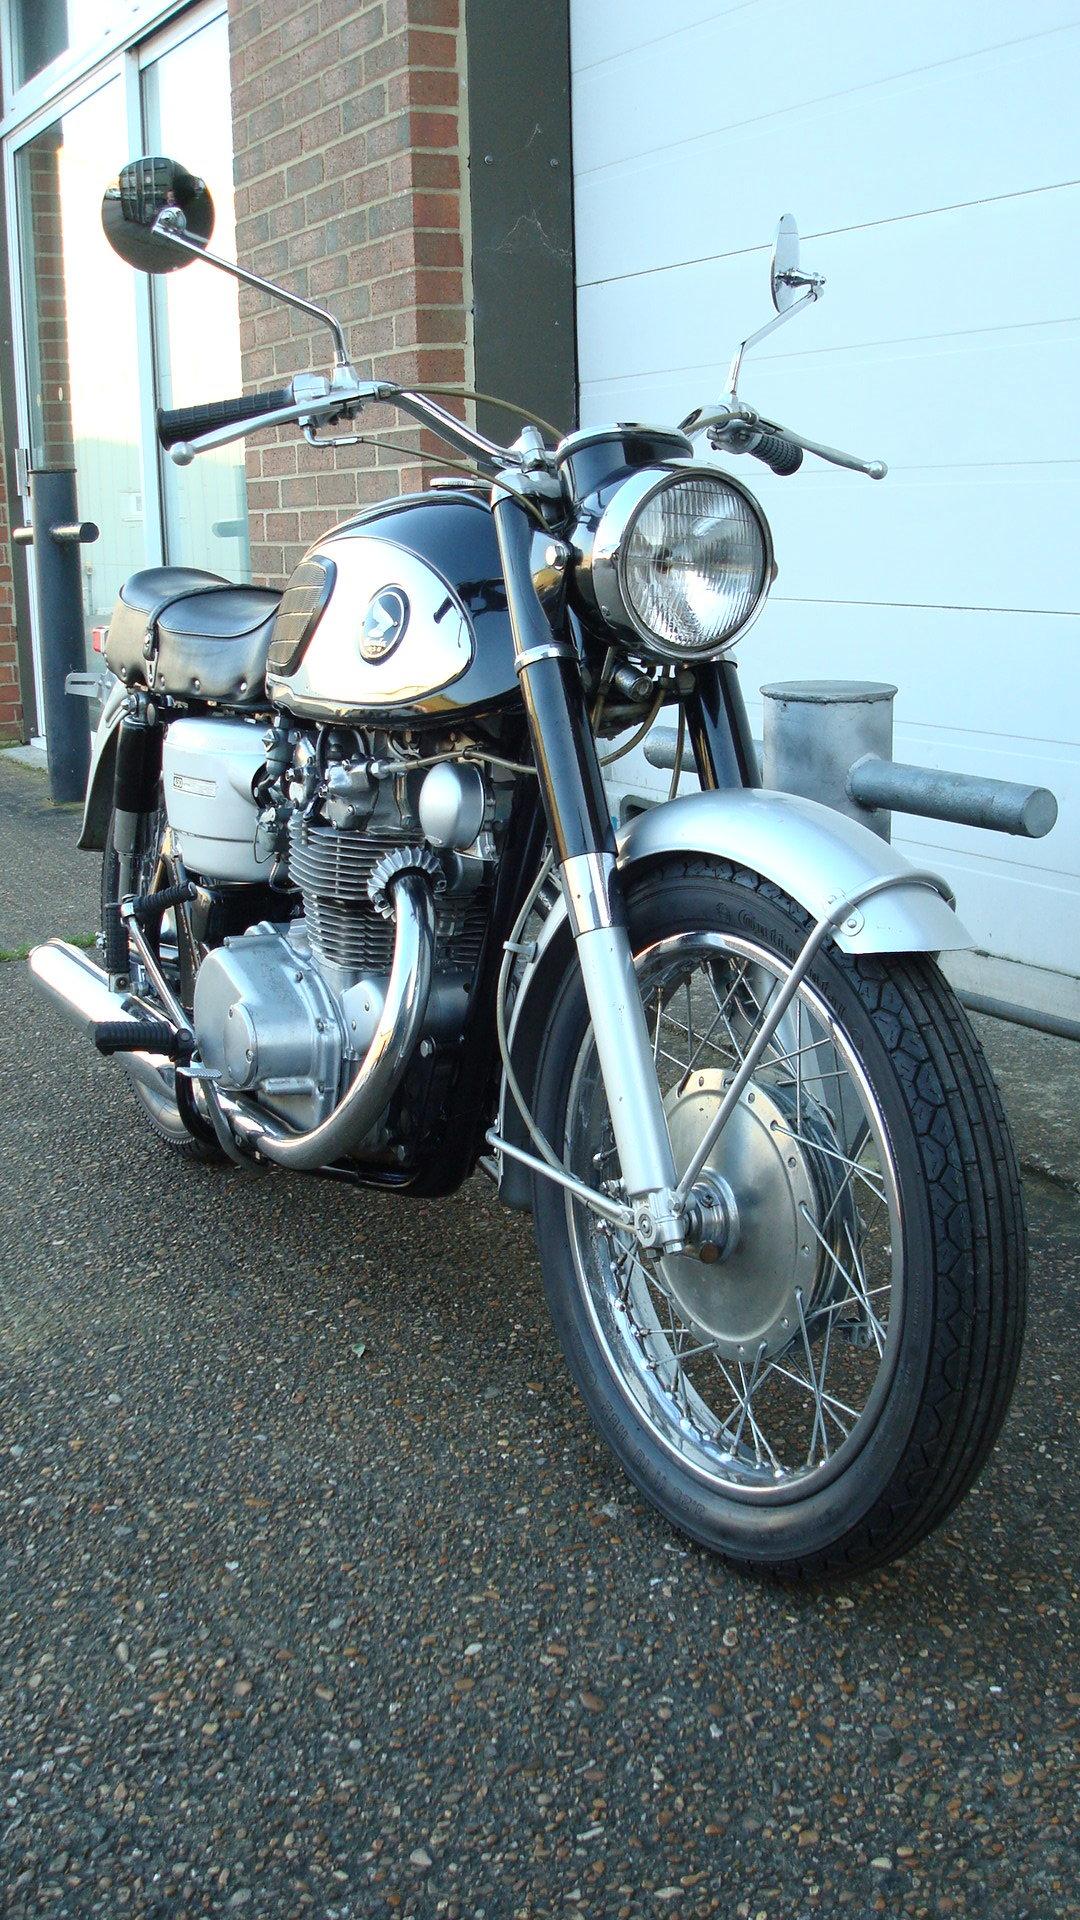 1968 Honda CB 450 K0 BLACK BOMBER 1969-G *UN-RESTORED* For Sale (picture 2 of 6)